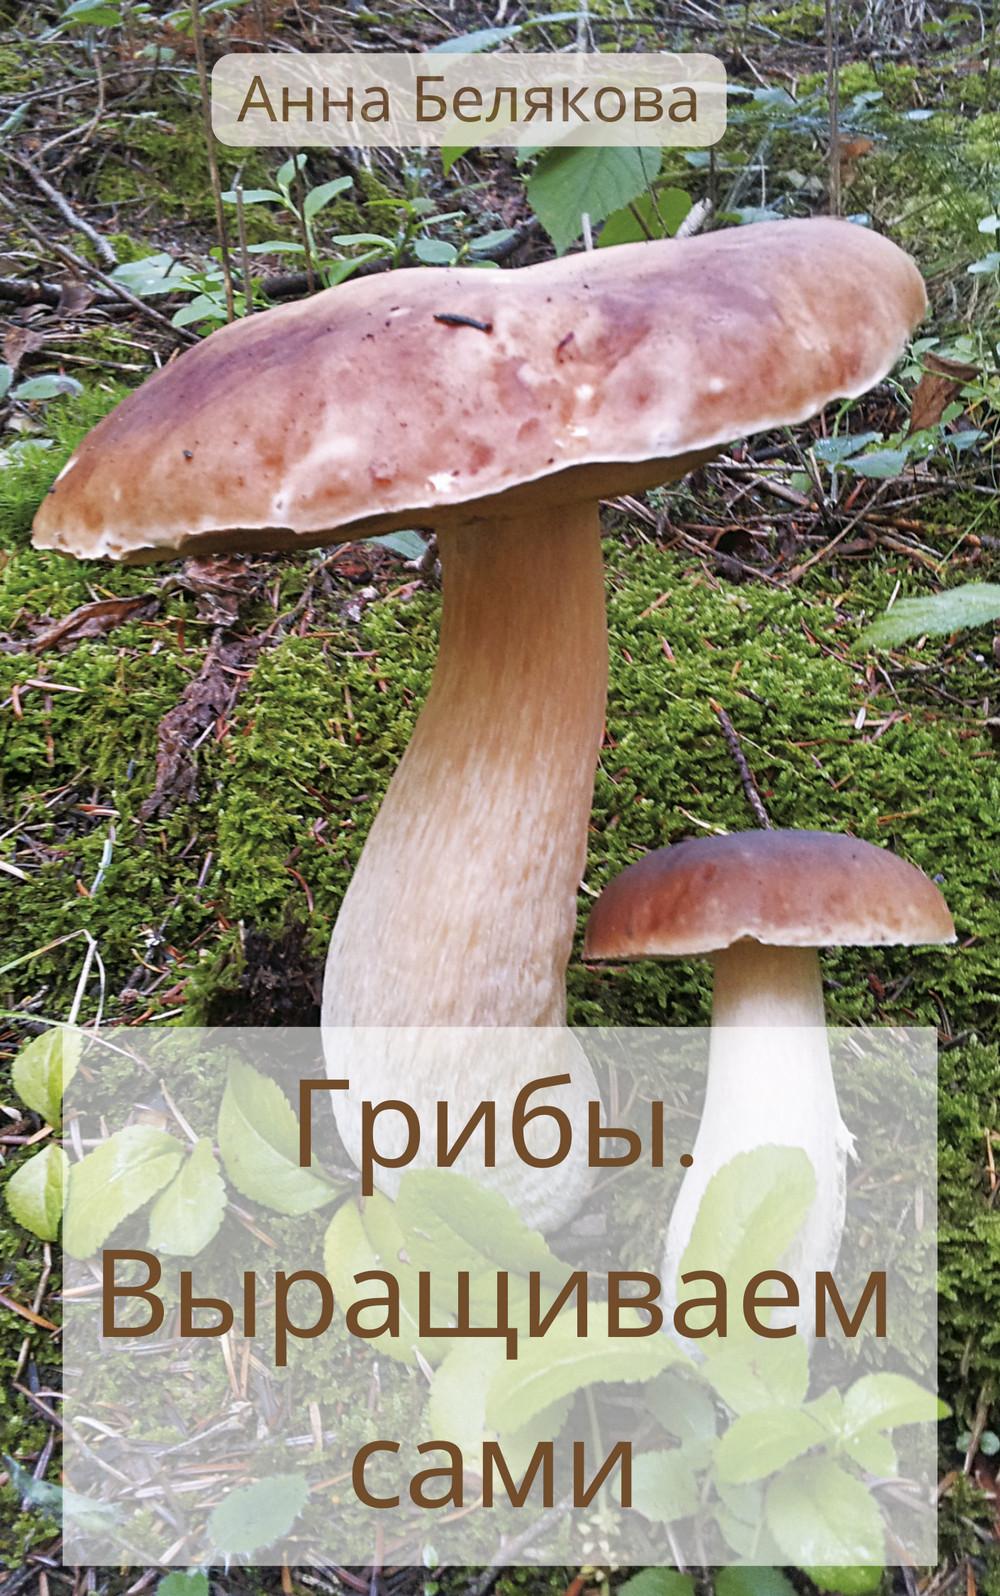 Анна Белякова . Выращиваем сами